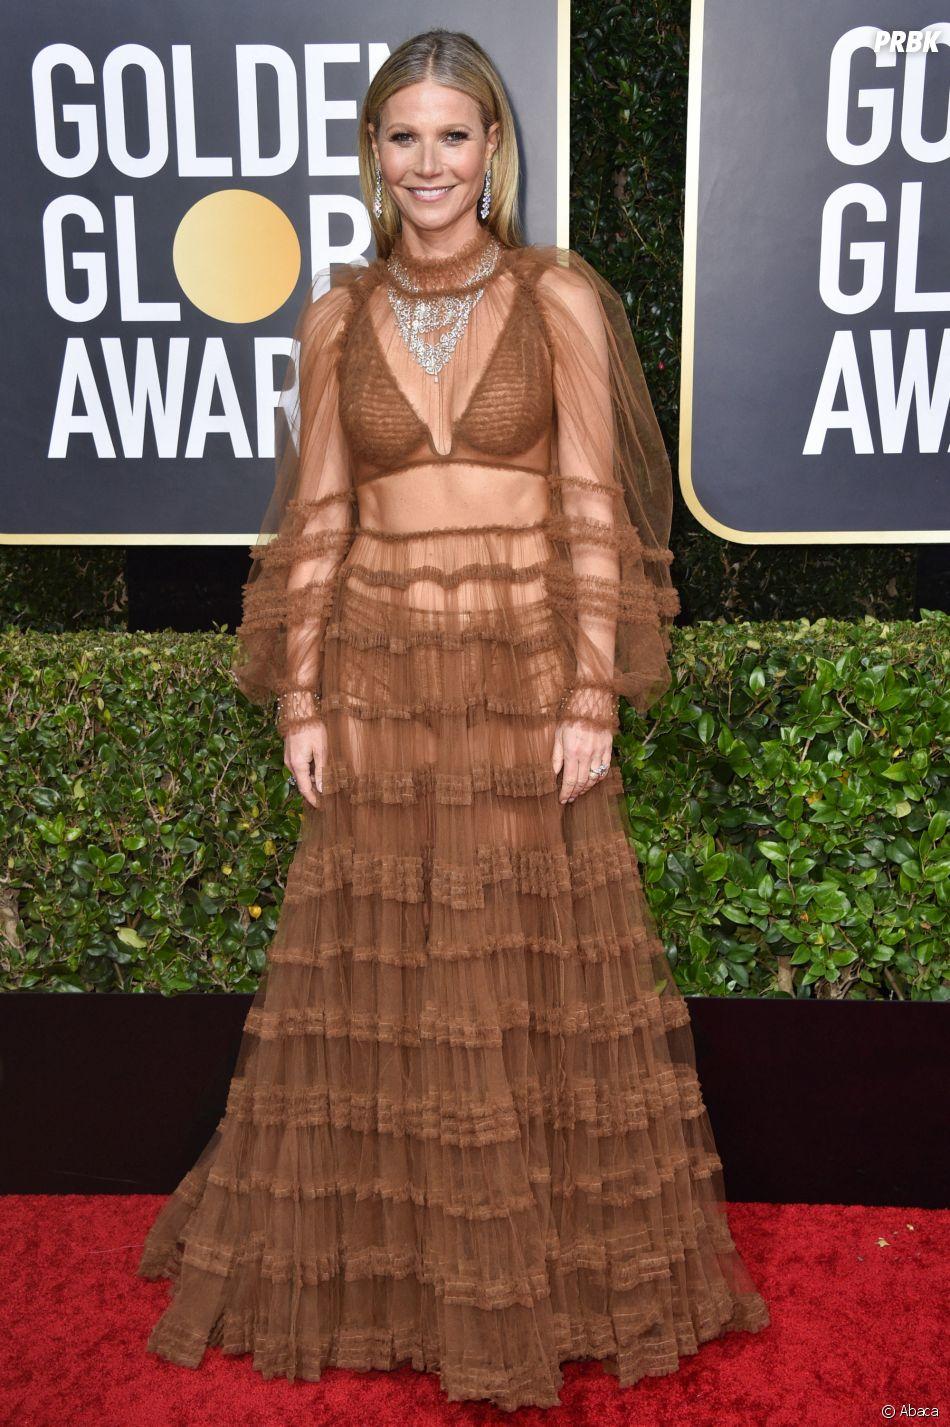 Gwyneth Paltrow sur le tapis rouge des Golden Globes 2020 le 5 janvier à Los Angeles